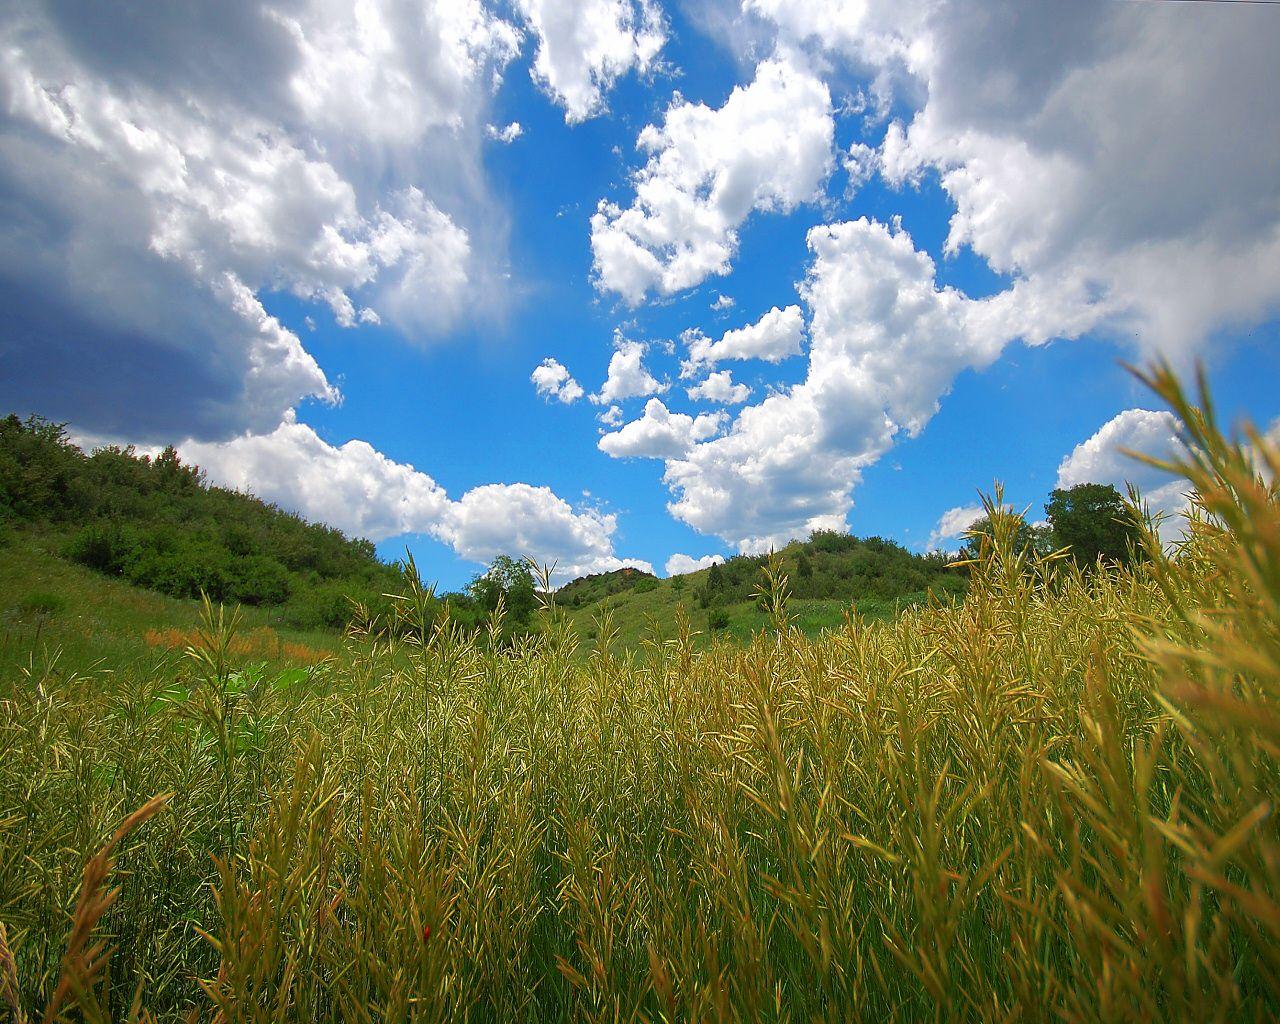 http://fc06.deviantart.net/fs48/f/2009/199/f/7/Shag_Rug_Meadow_by_greenunderground.jpg